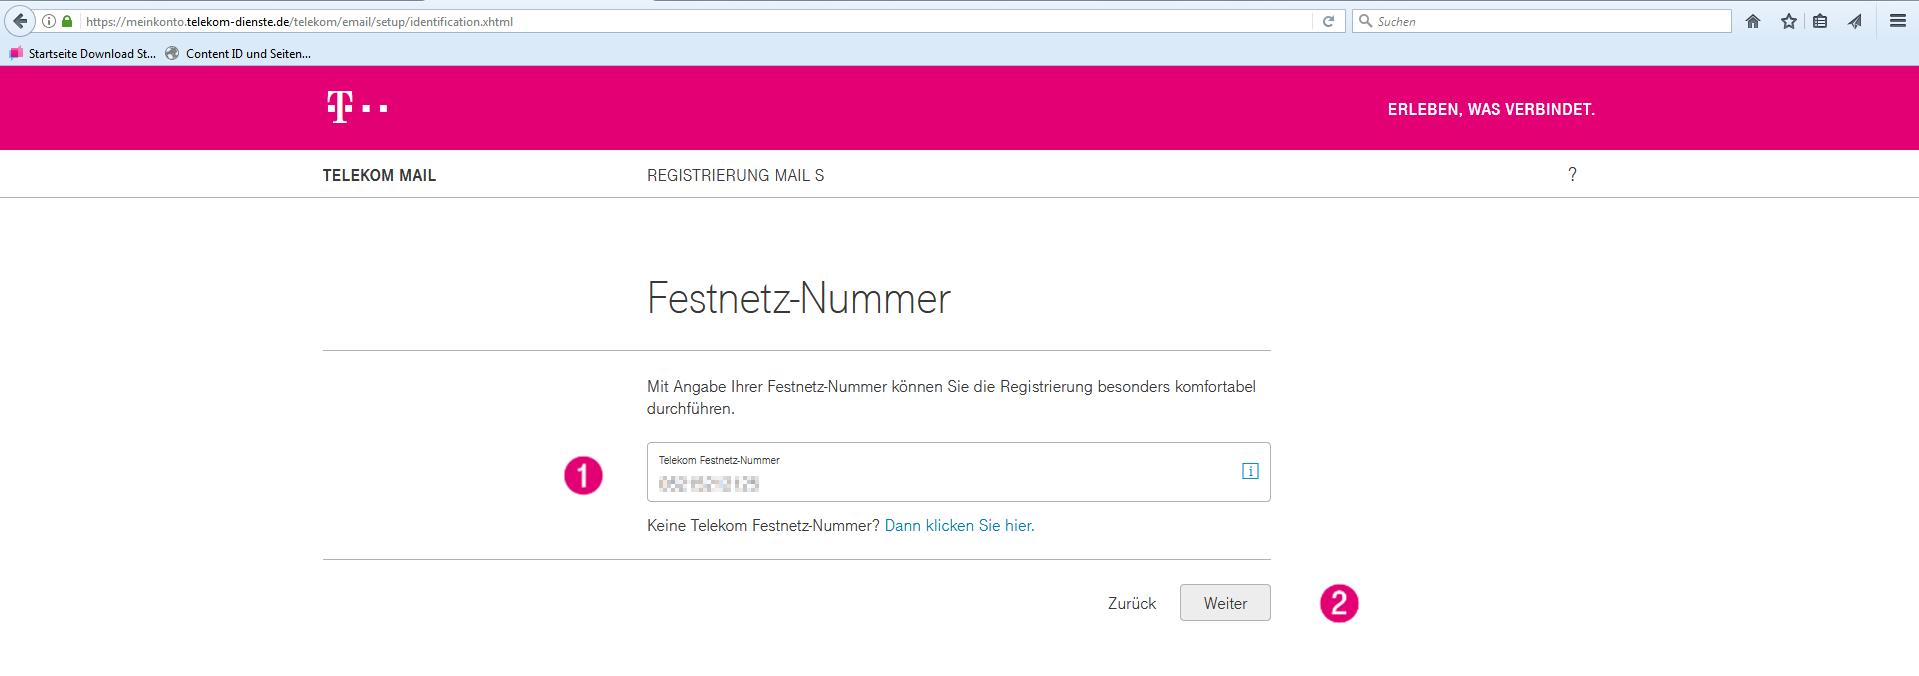 E Mail Adresse Der Telekom